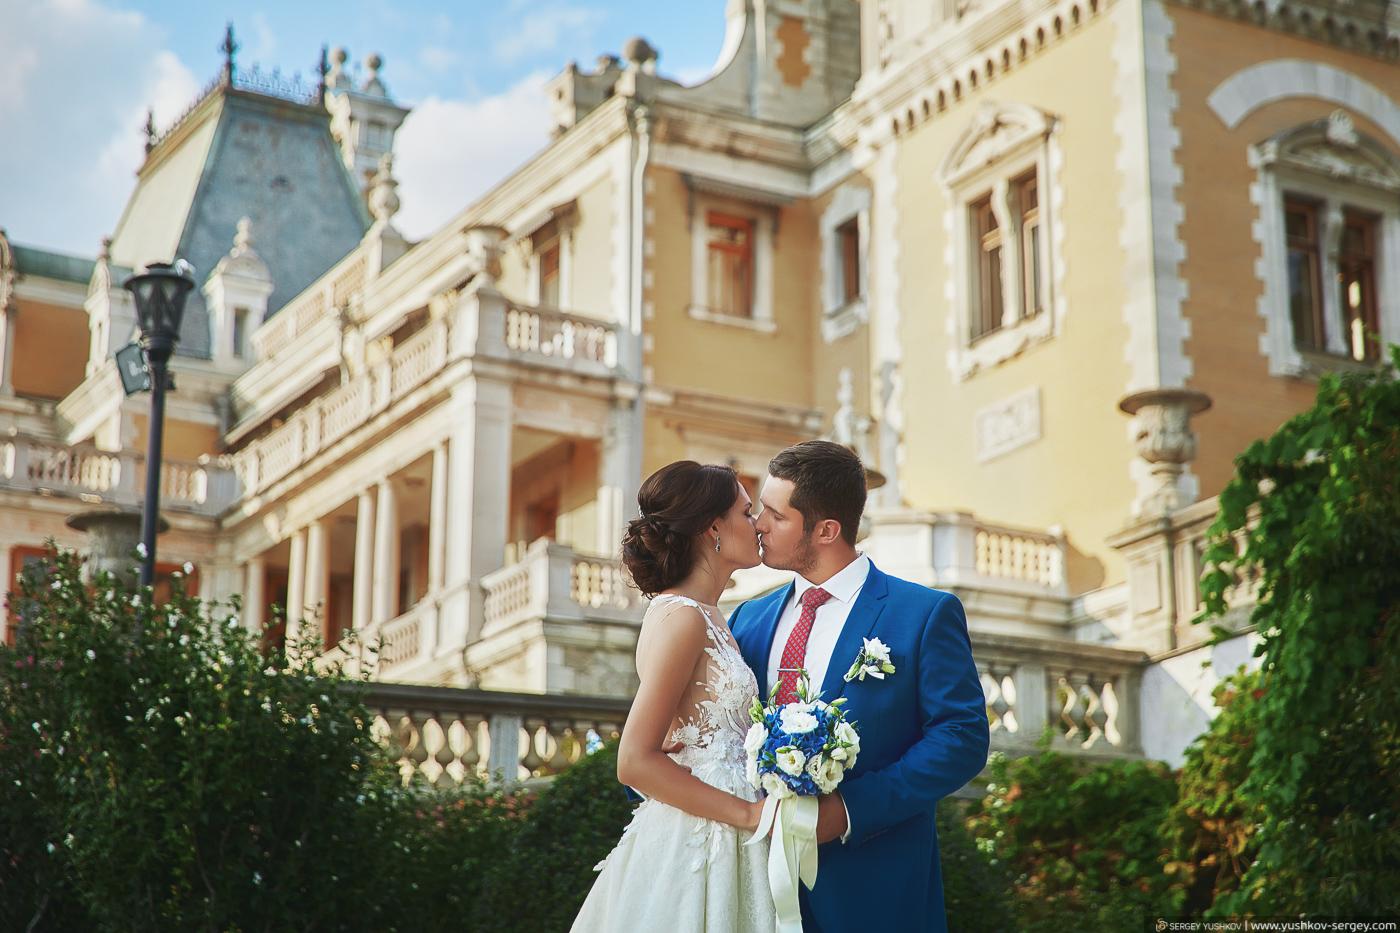 Свадьба для двоих в Крыму. Массандровский дворец. Фотограф - Сергей Юшков.